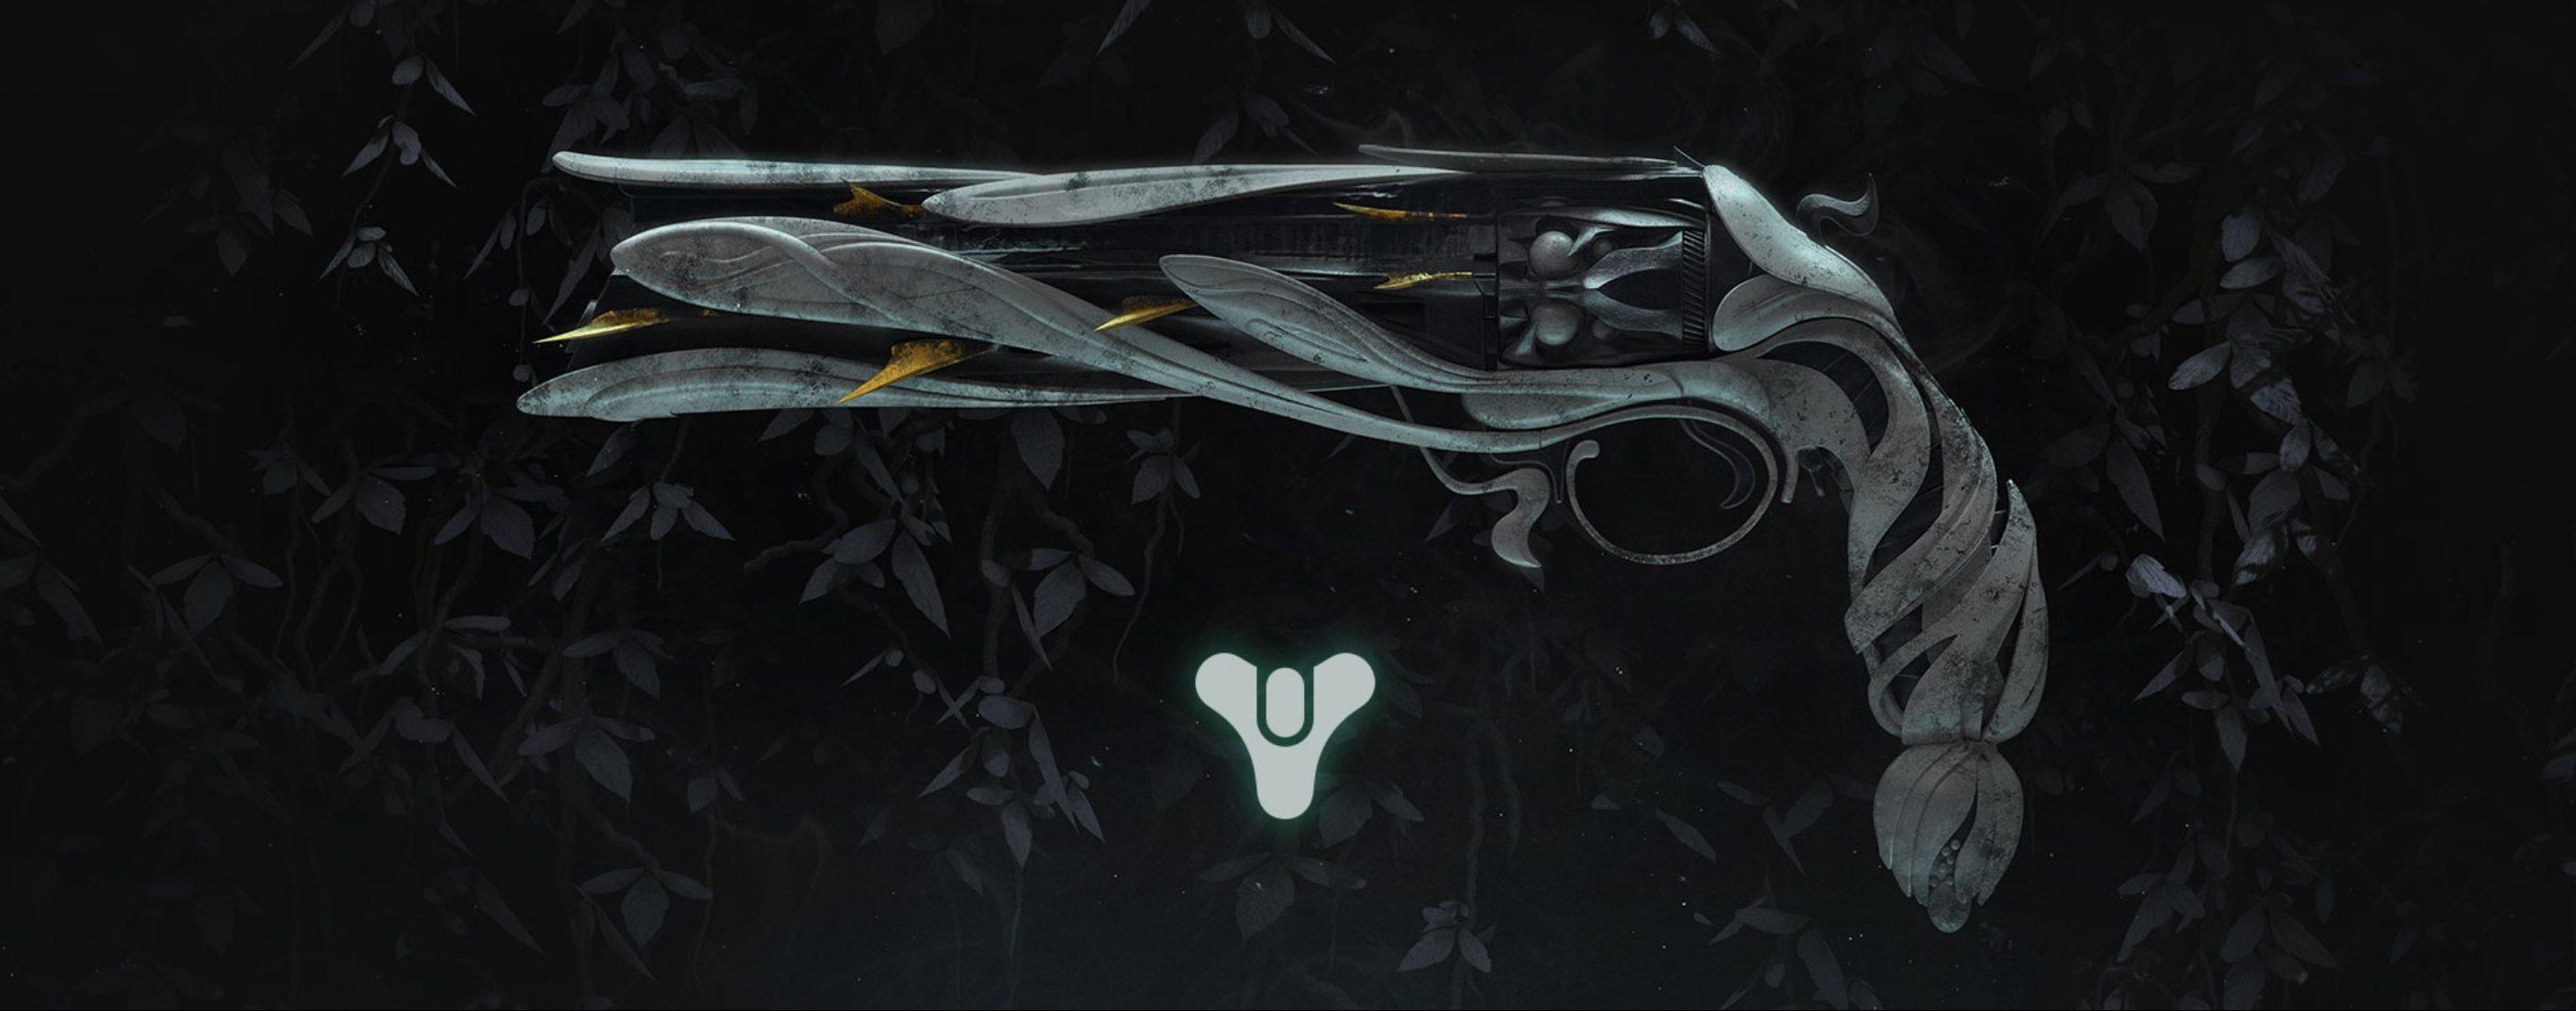 Die Lumina könnte 1. Waffe in Destiny 2 werden, die andere heilt